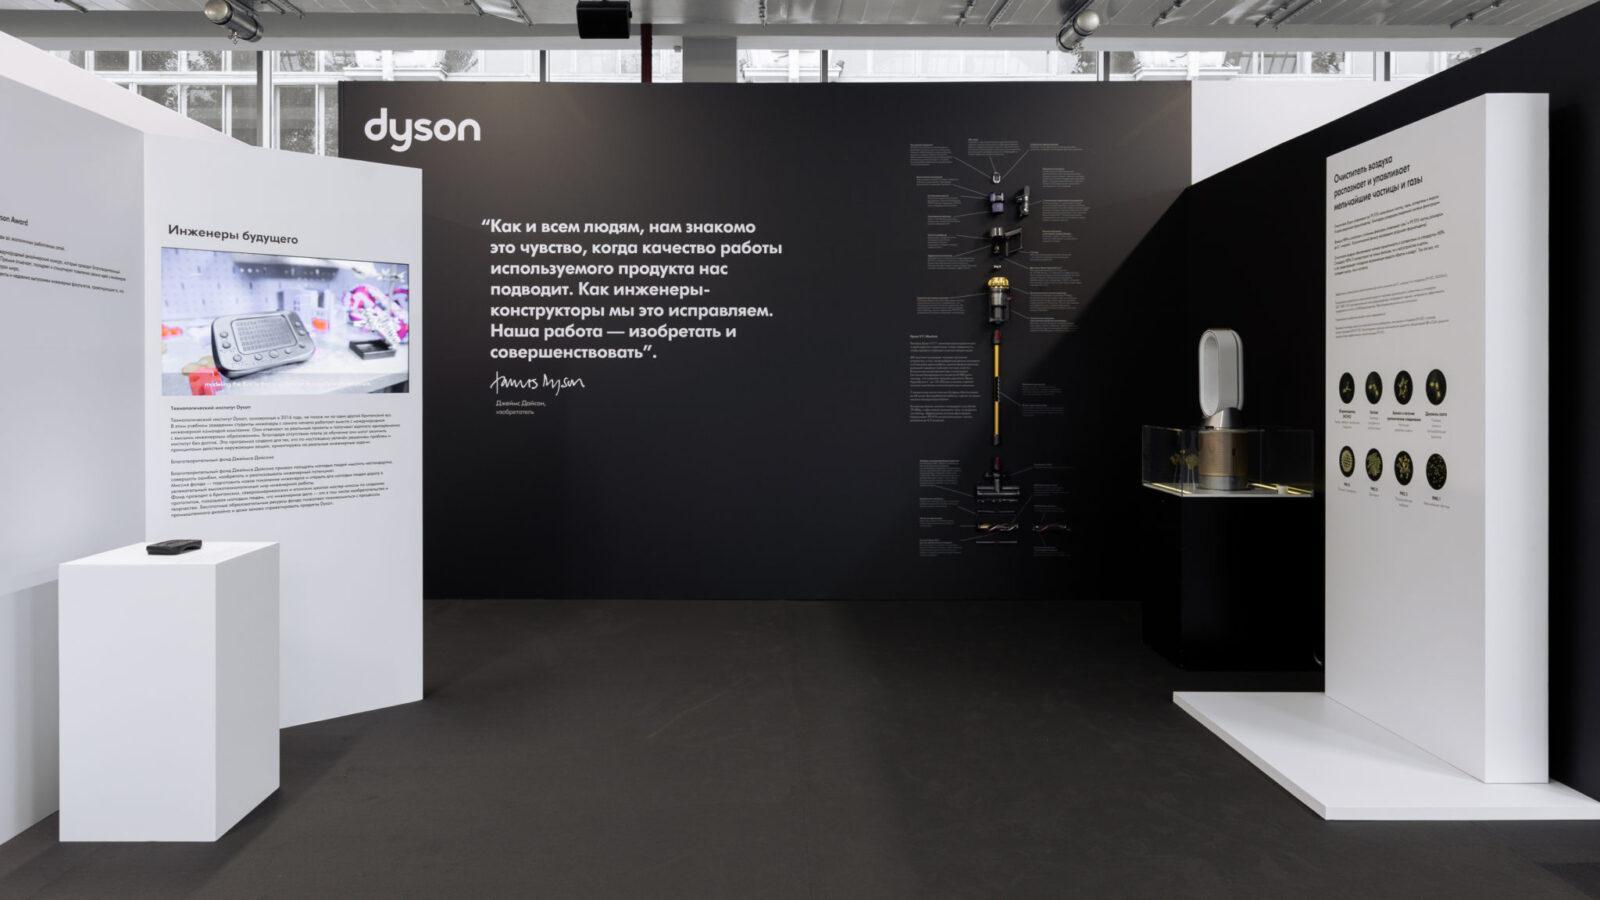 Dyson открыла Пространство технологий на ВДНХ в Москве (yan 0015 2048x1152 1)